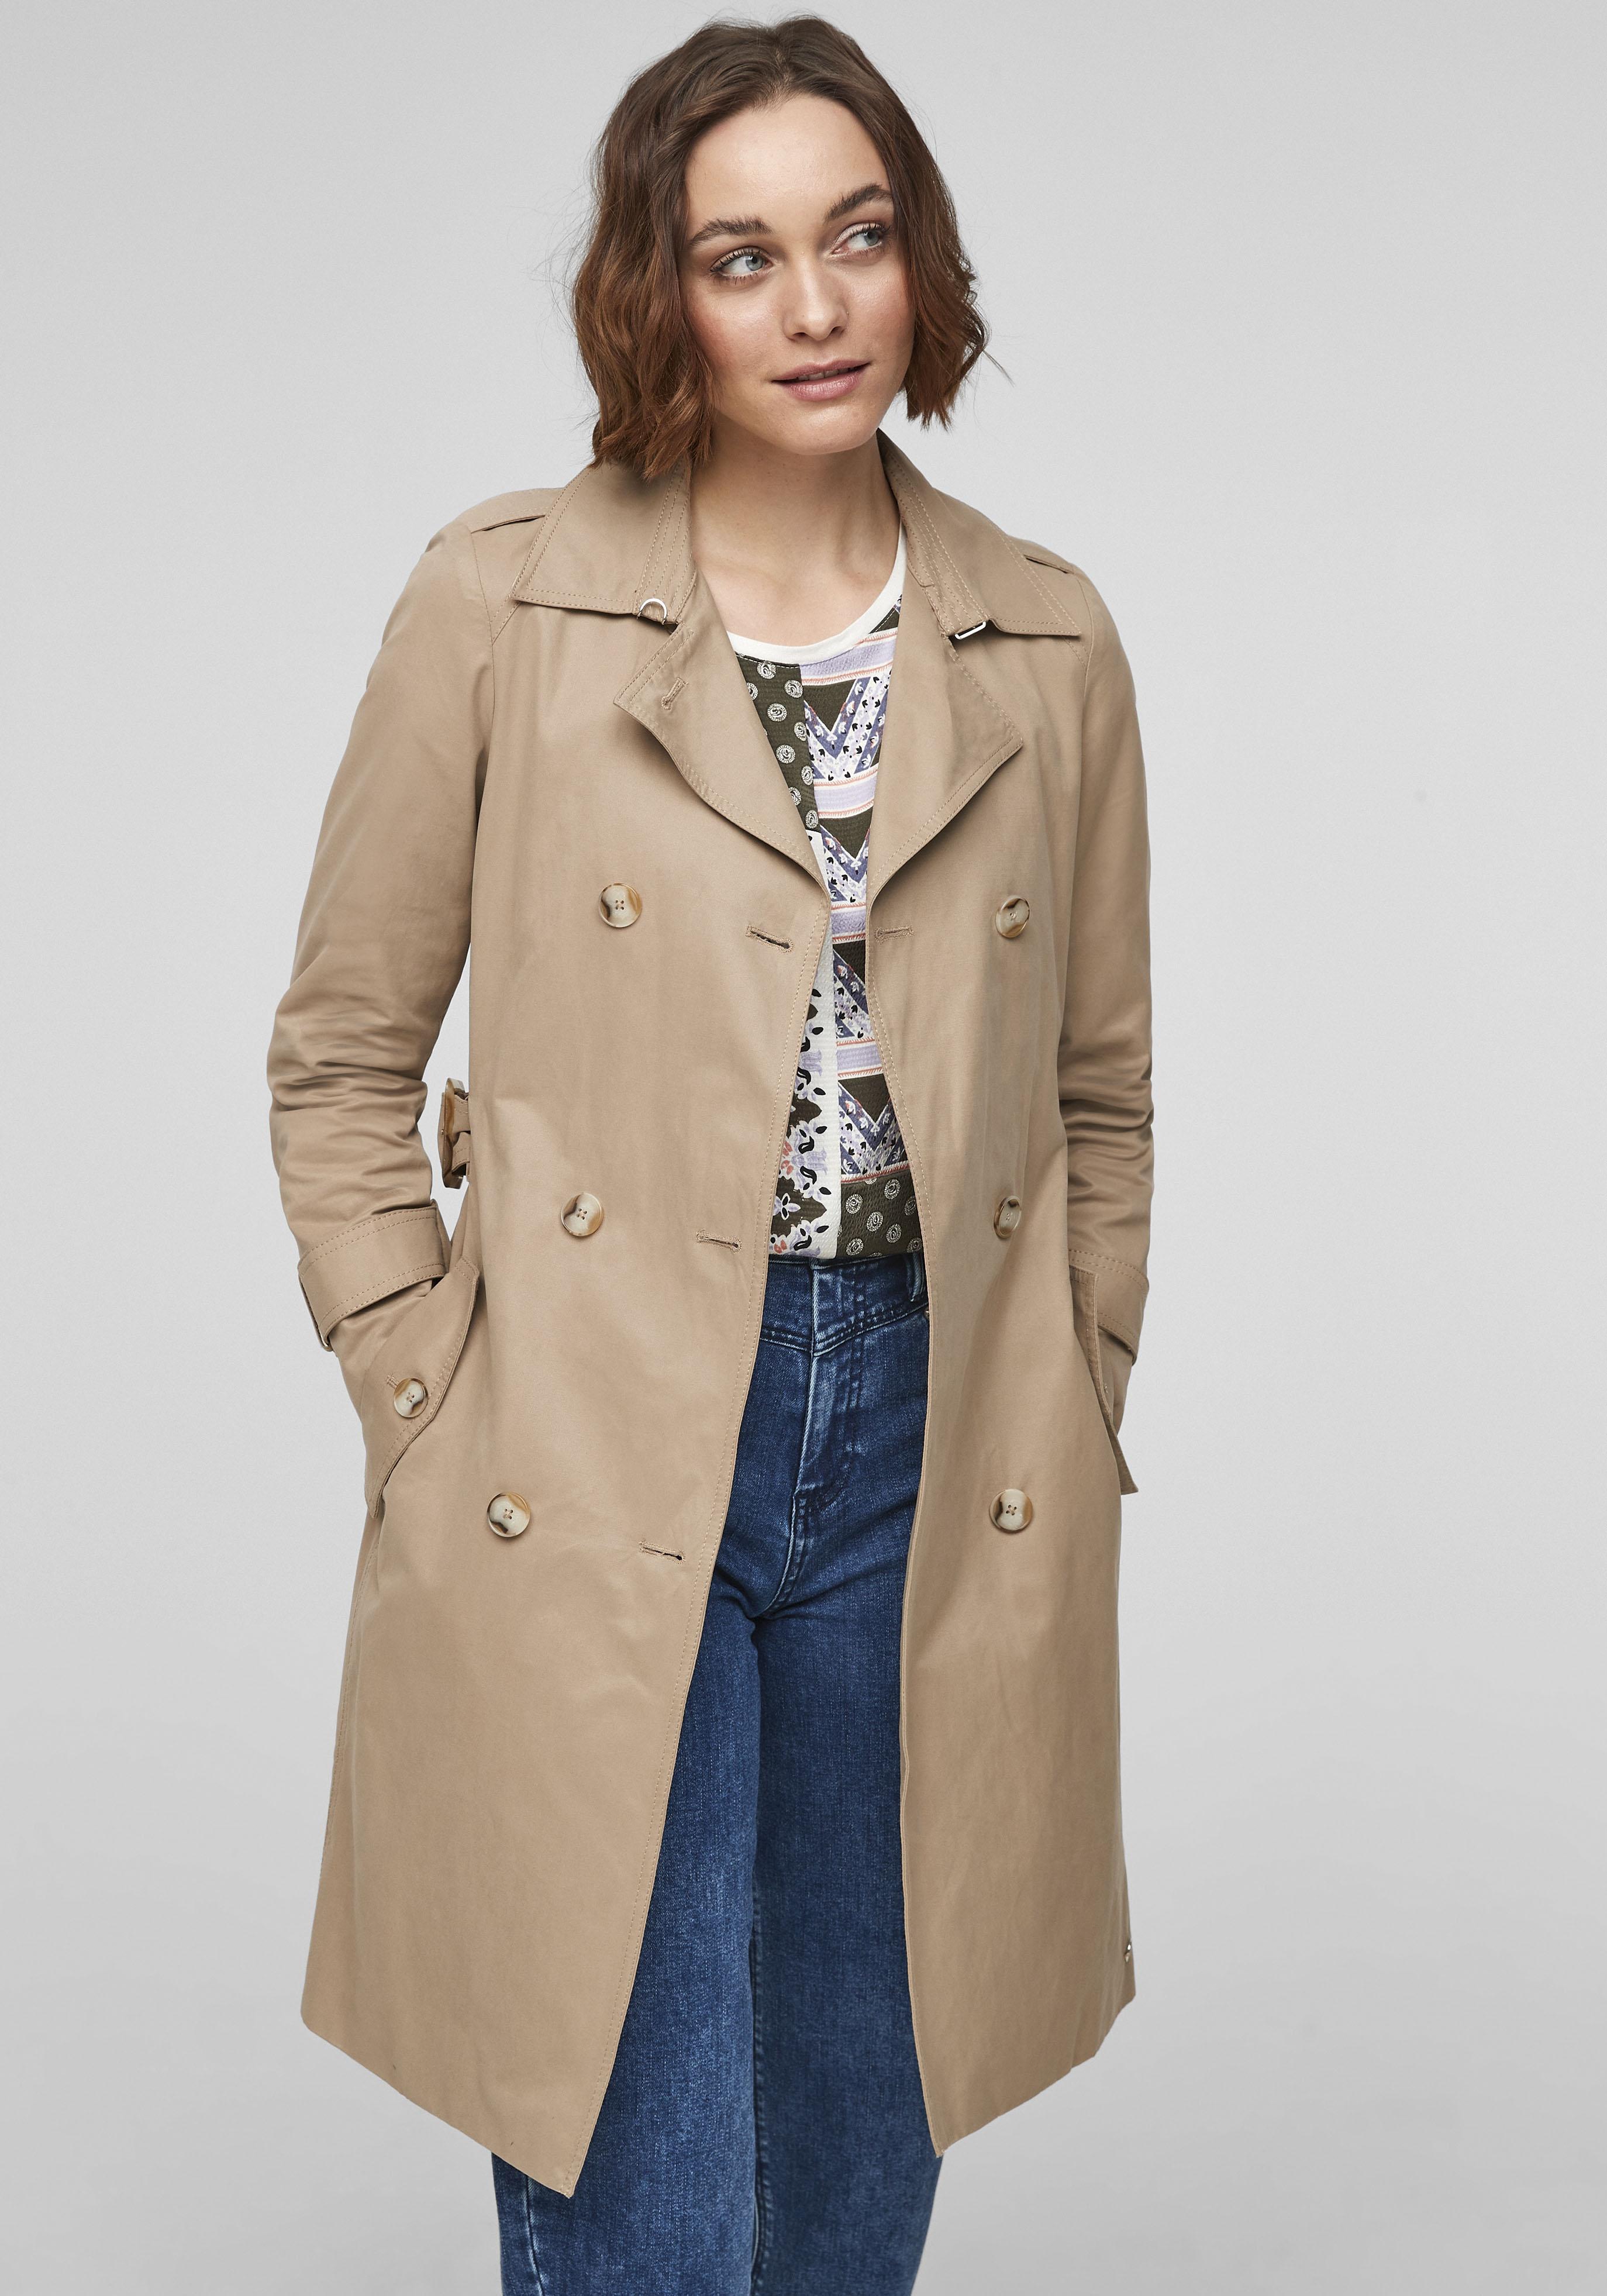 s.oliver -  Trenchcoat, mit kontrastierten Accessoires, Schulterklappen und Armriegel